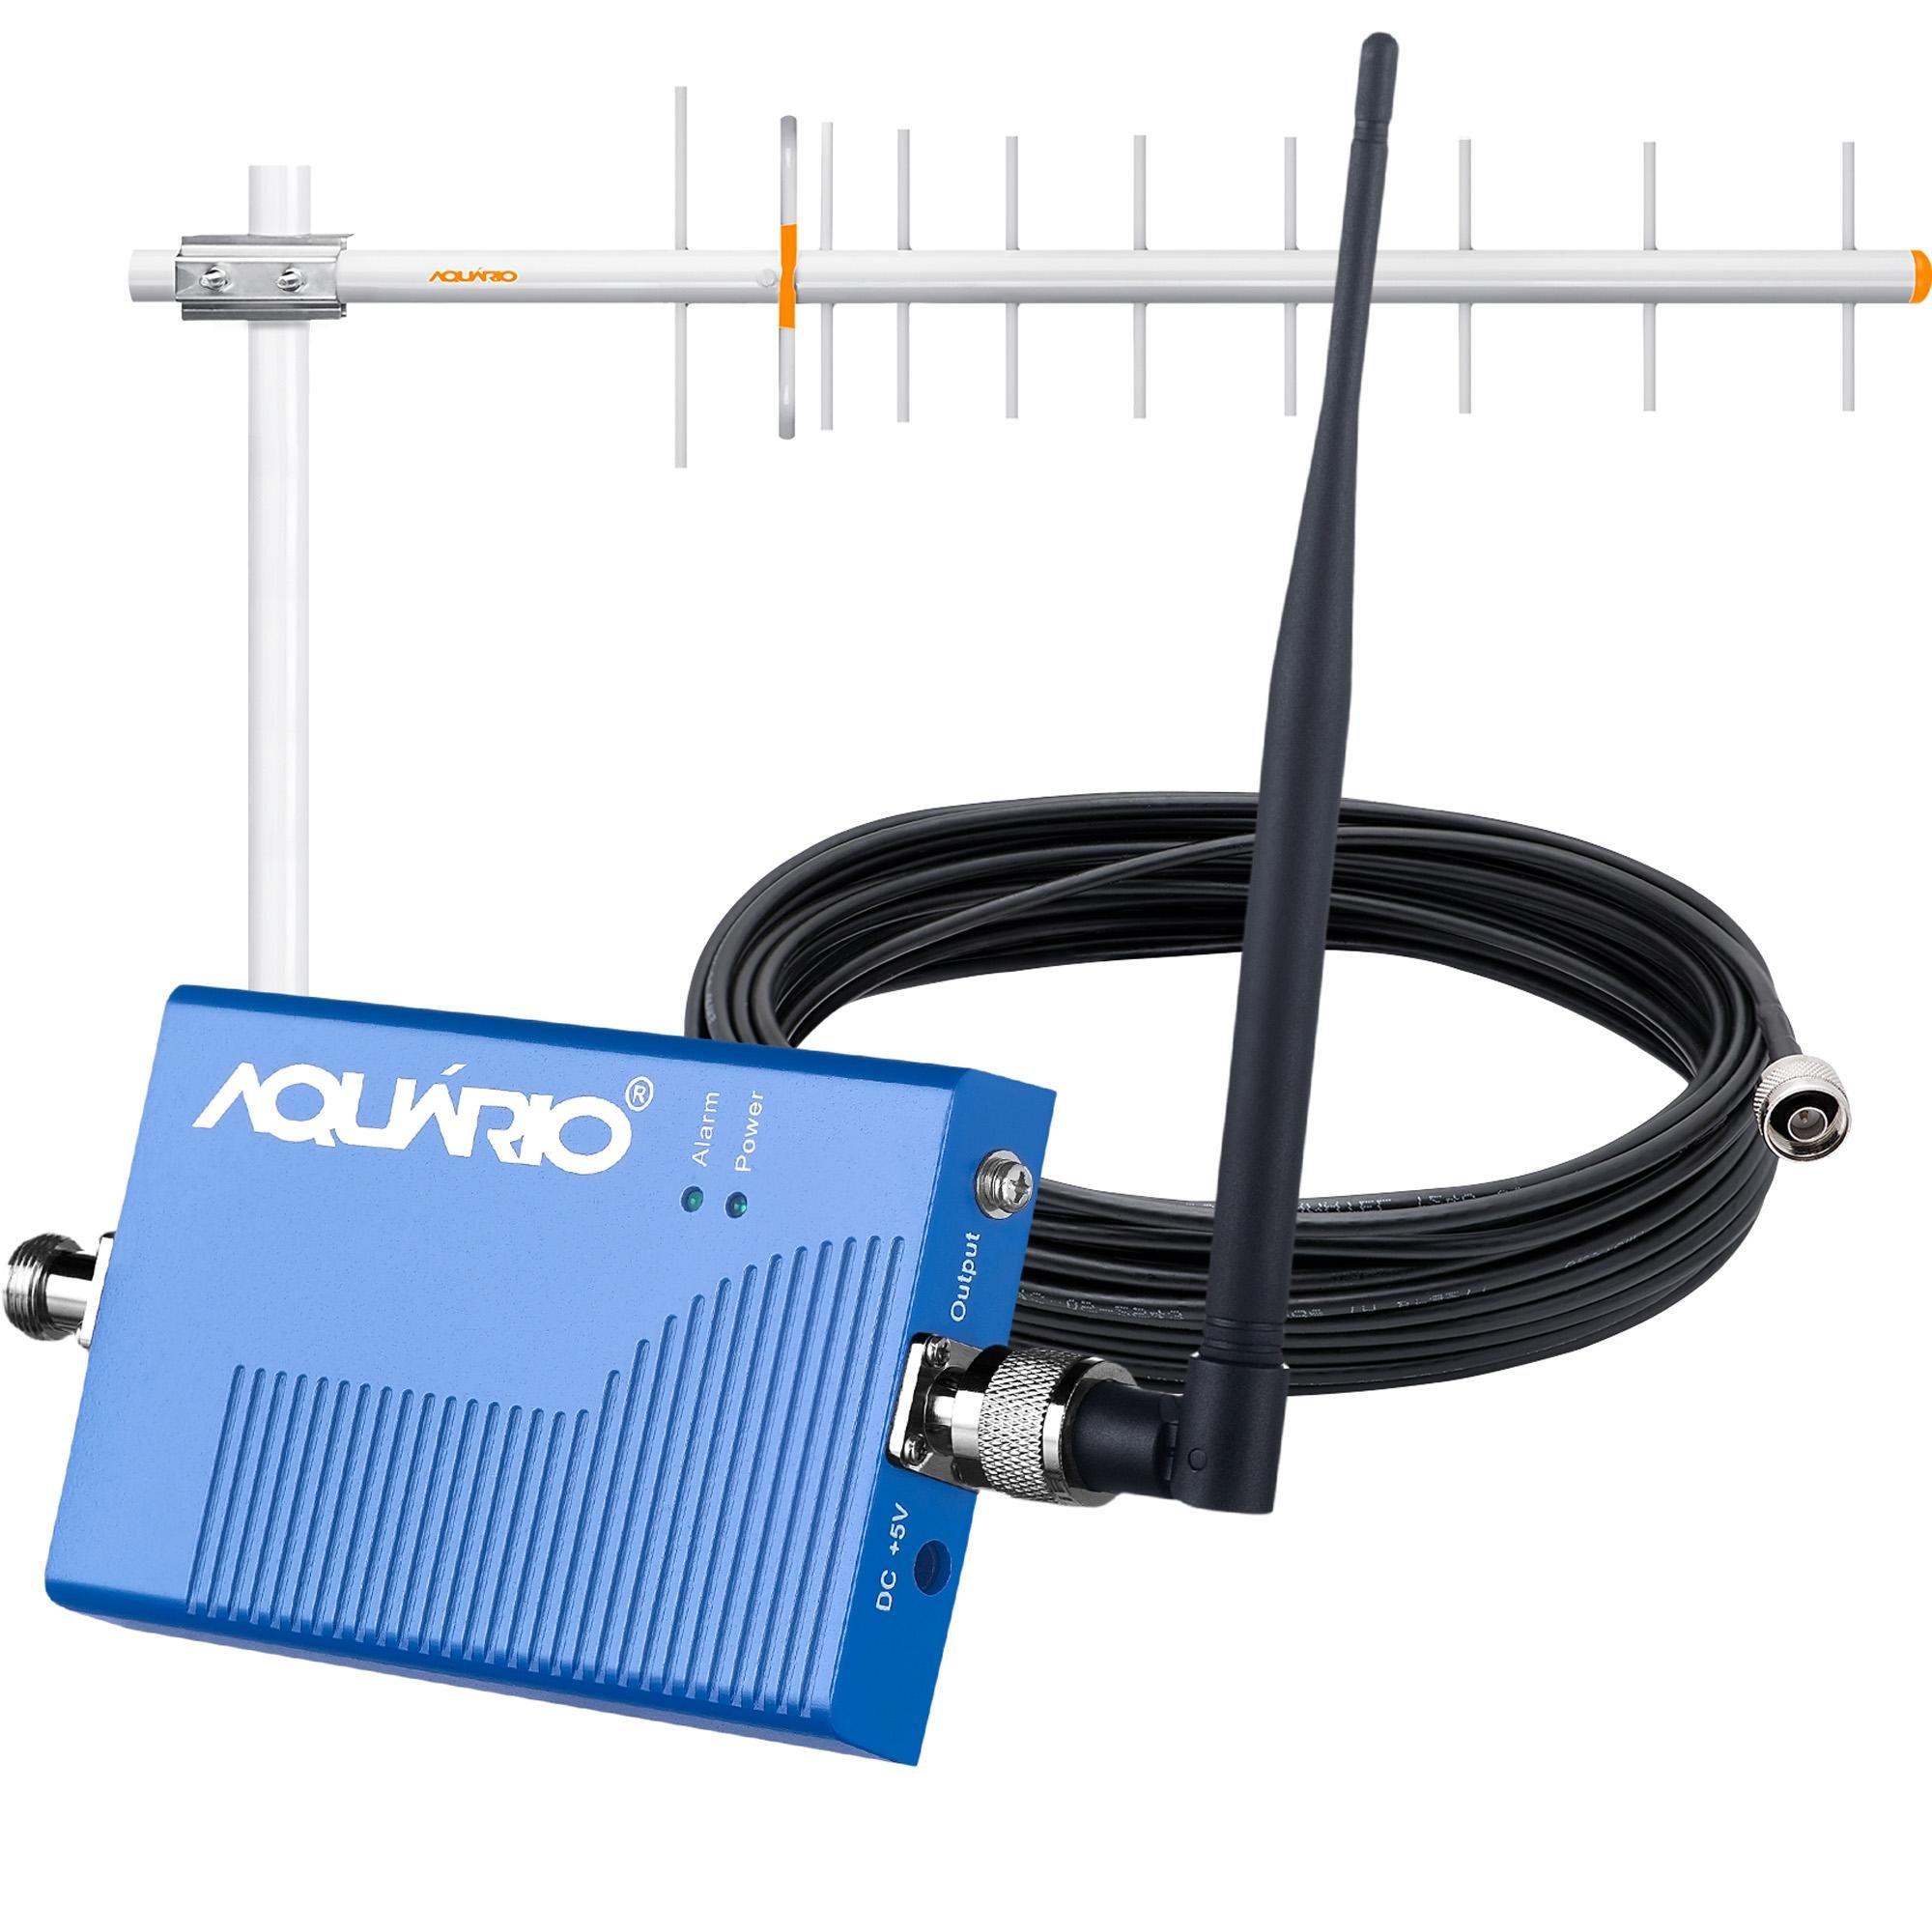 Kit Mini Repetidor de Sinal para Celular 900MHZ RP960 AQUÁRI